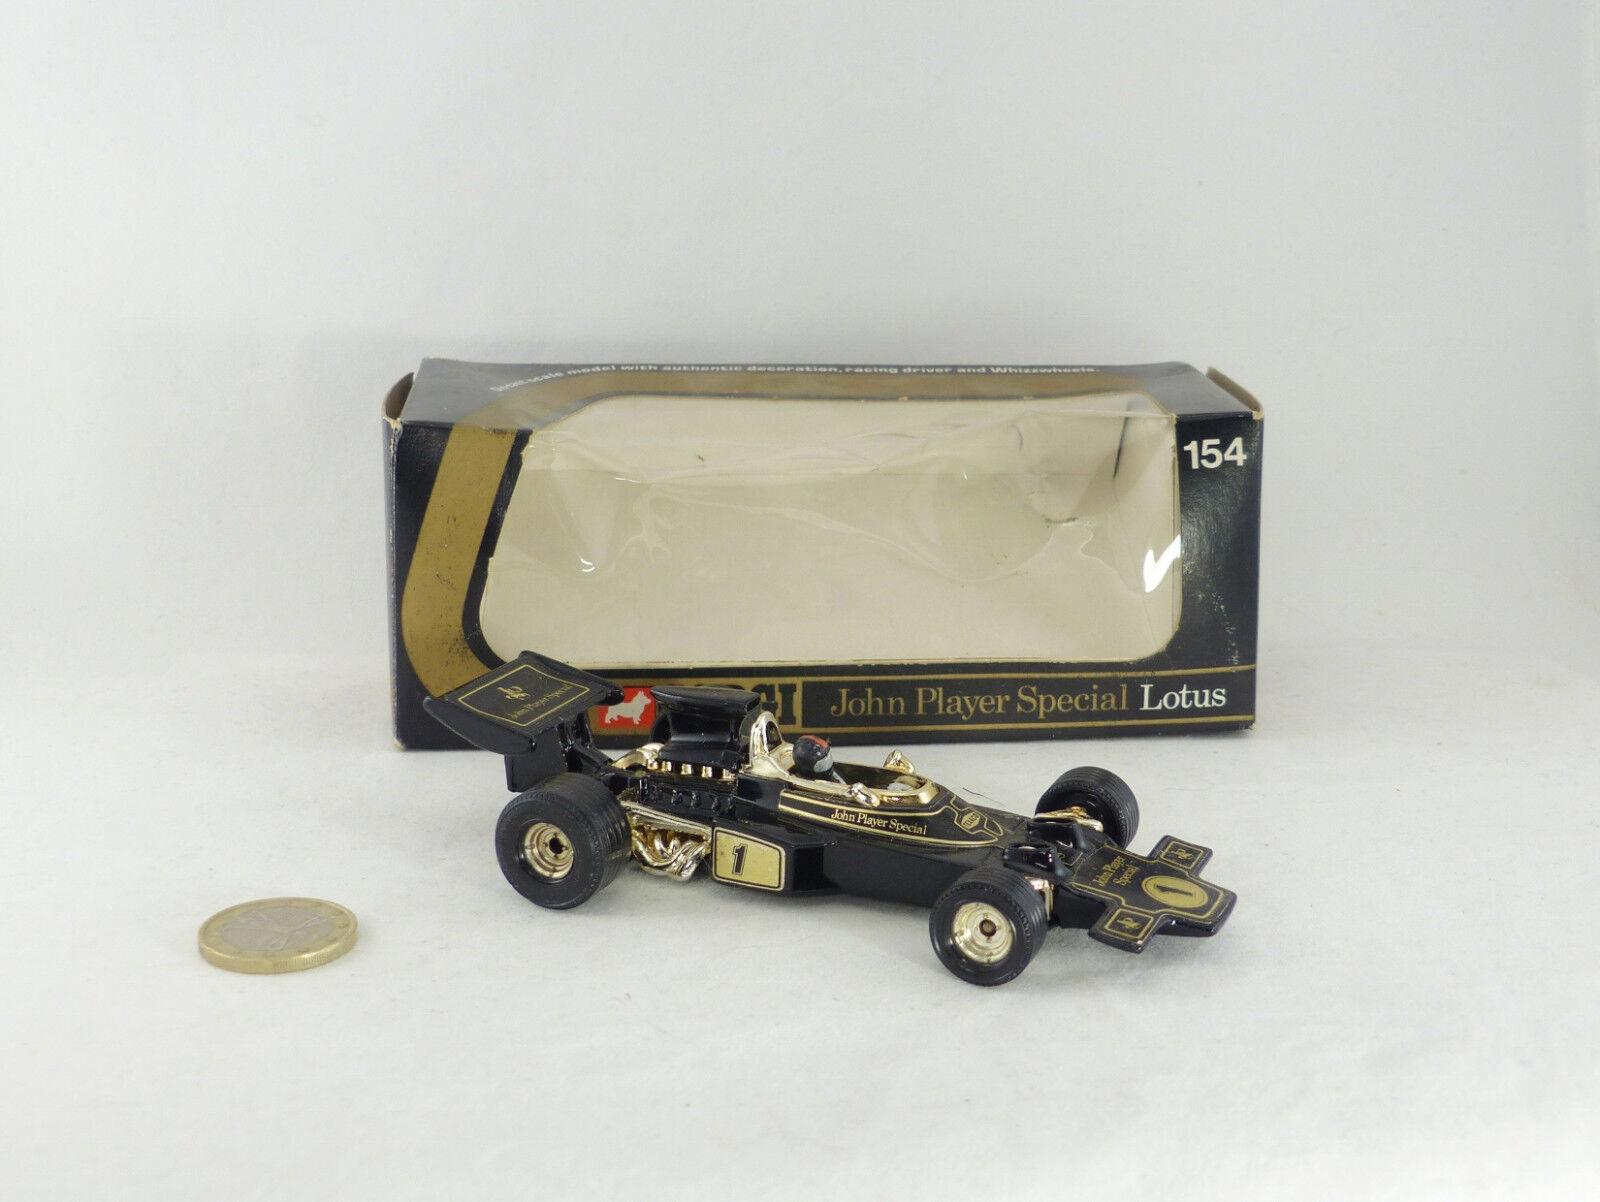 Corgi 154 Lotus John spelaer särskild de Fittipaldi F1 värld Champion 1972 (FRAM35;A6b)